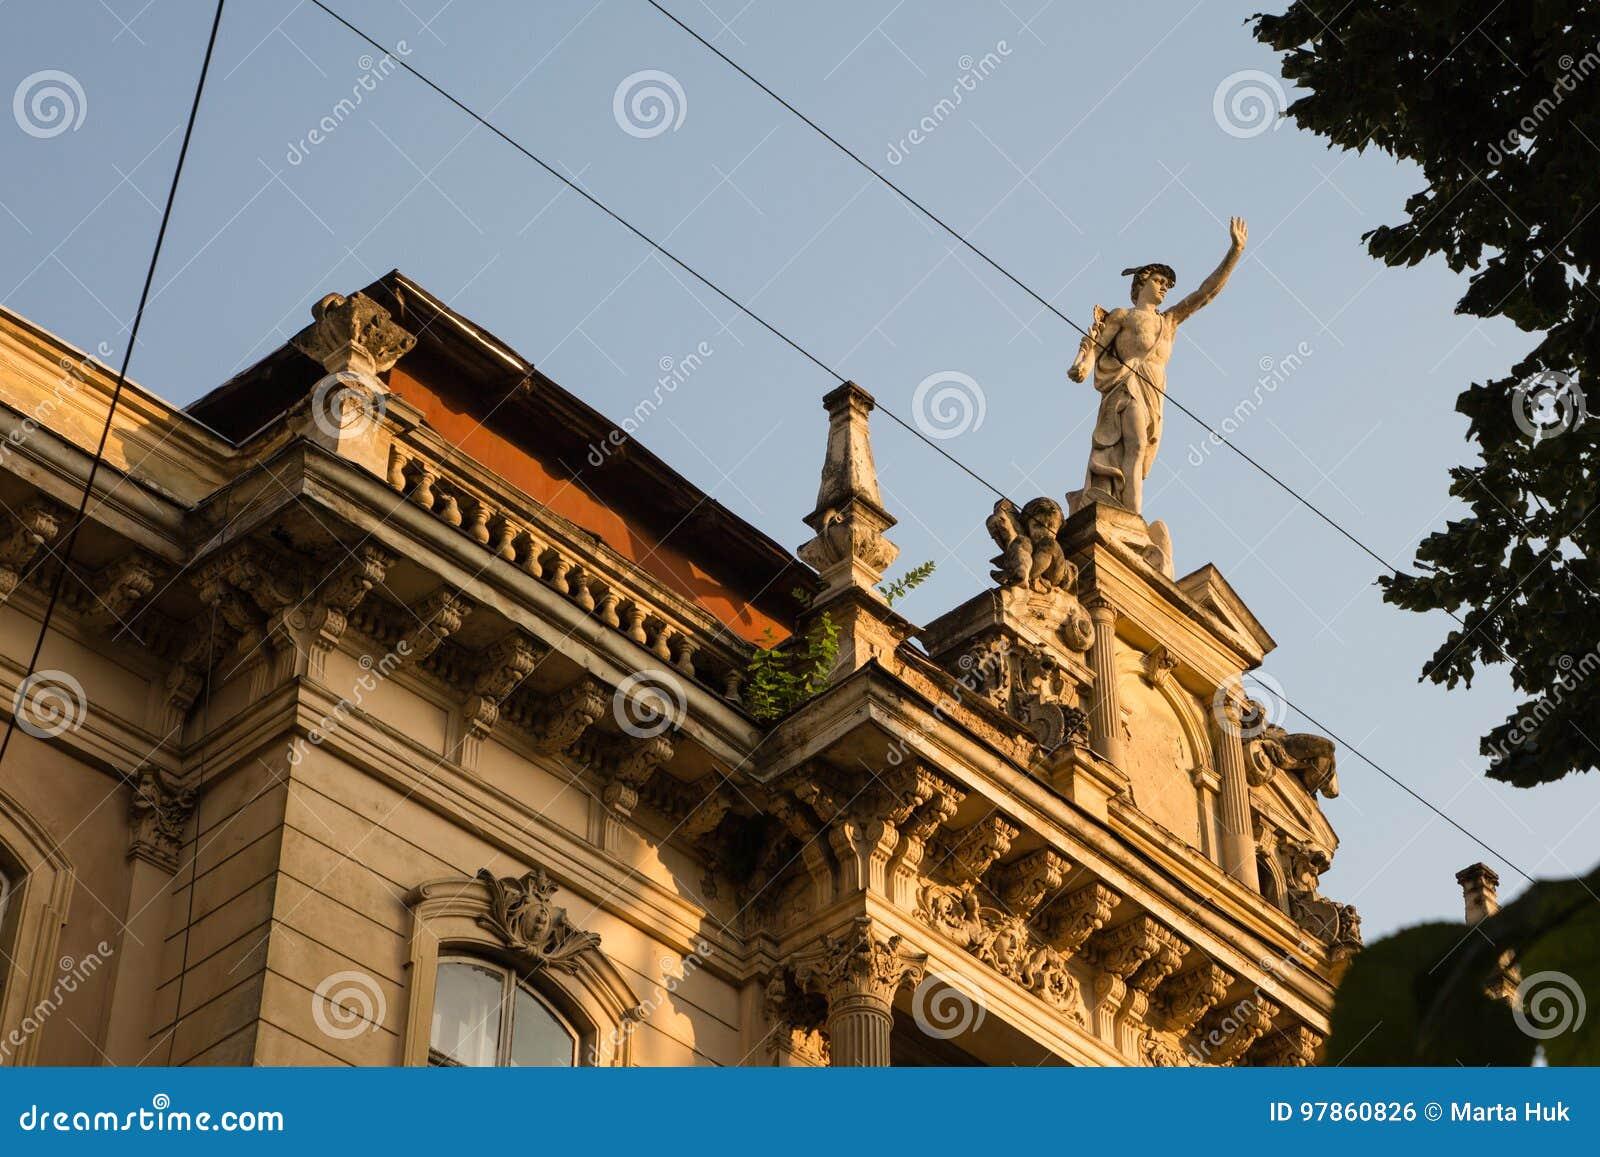 Statua di Mercury - un dio romano importante che sta su una facciata della costruzione